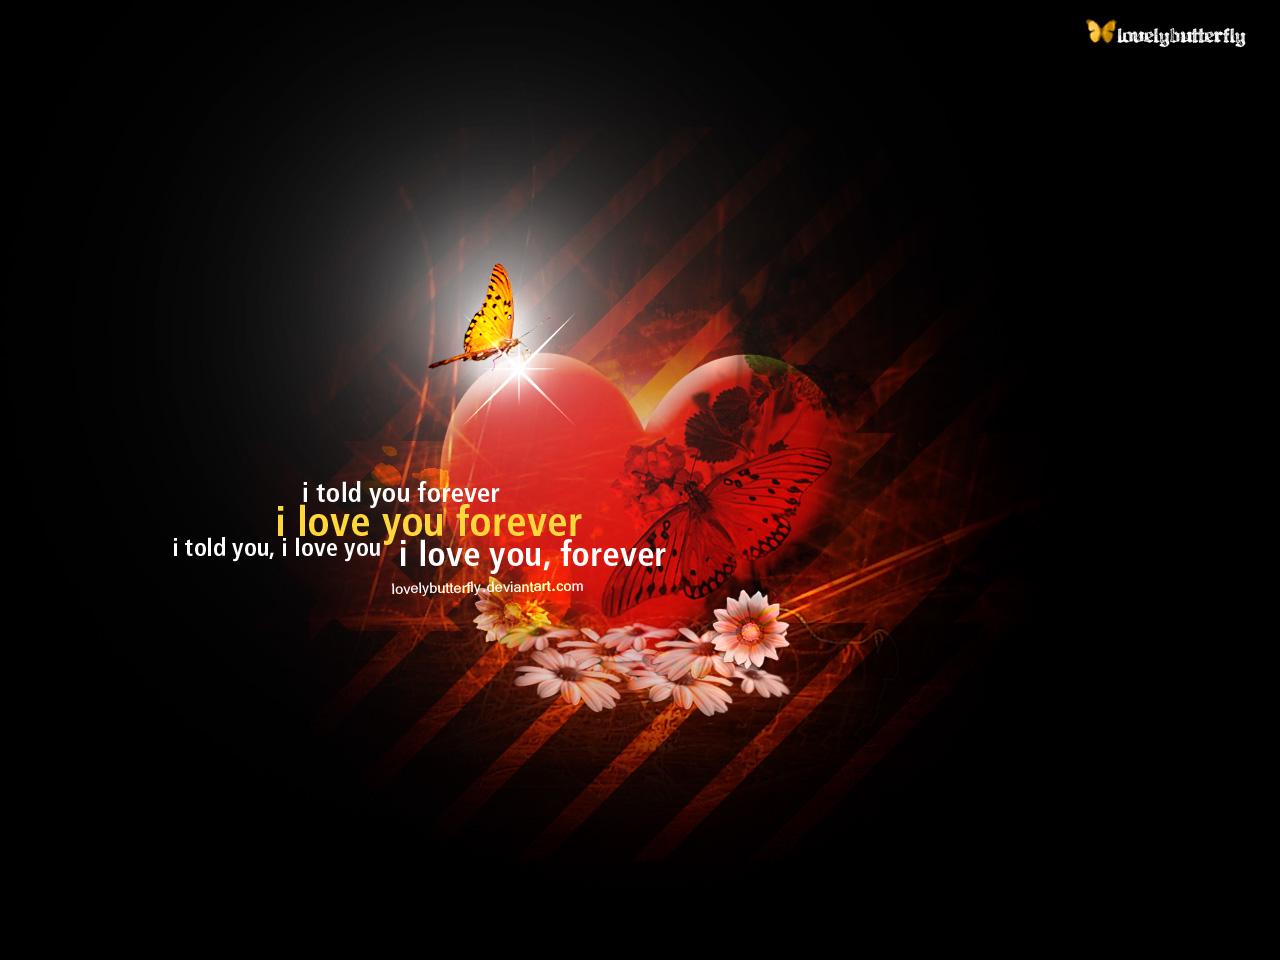 http://1.bp.blogspot.com/_sWTpBsqb46w/TIj6cxPziGI/AAAAAAAAACE/iWRxPddHMMM/s1600/i_love_you_forever_by_lovelybutterfly.jpg